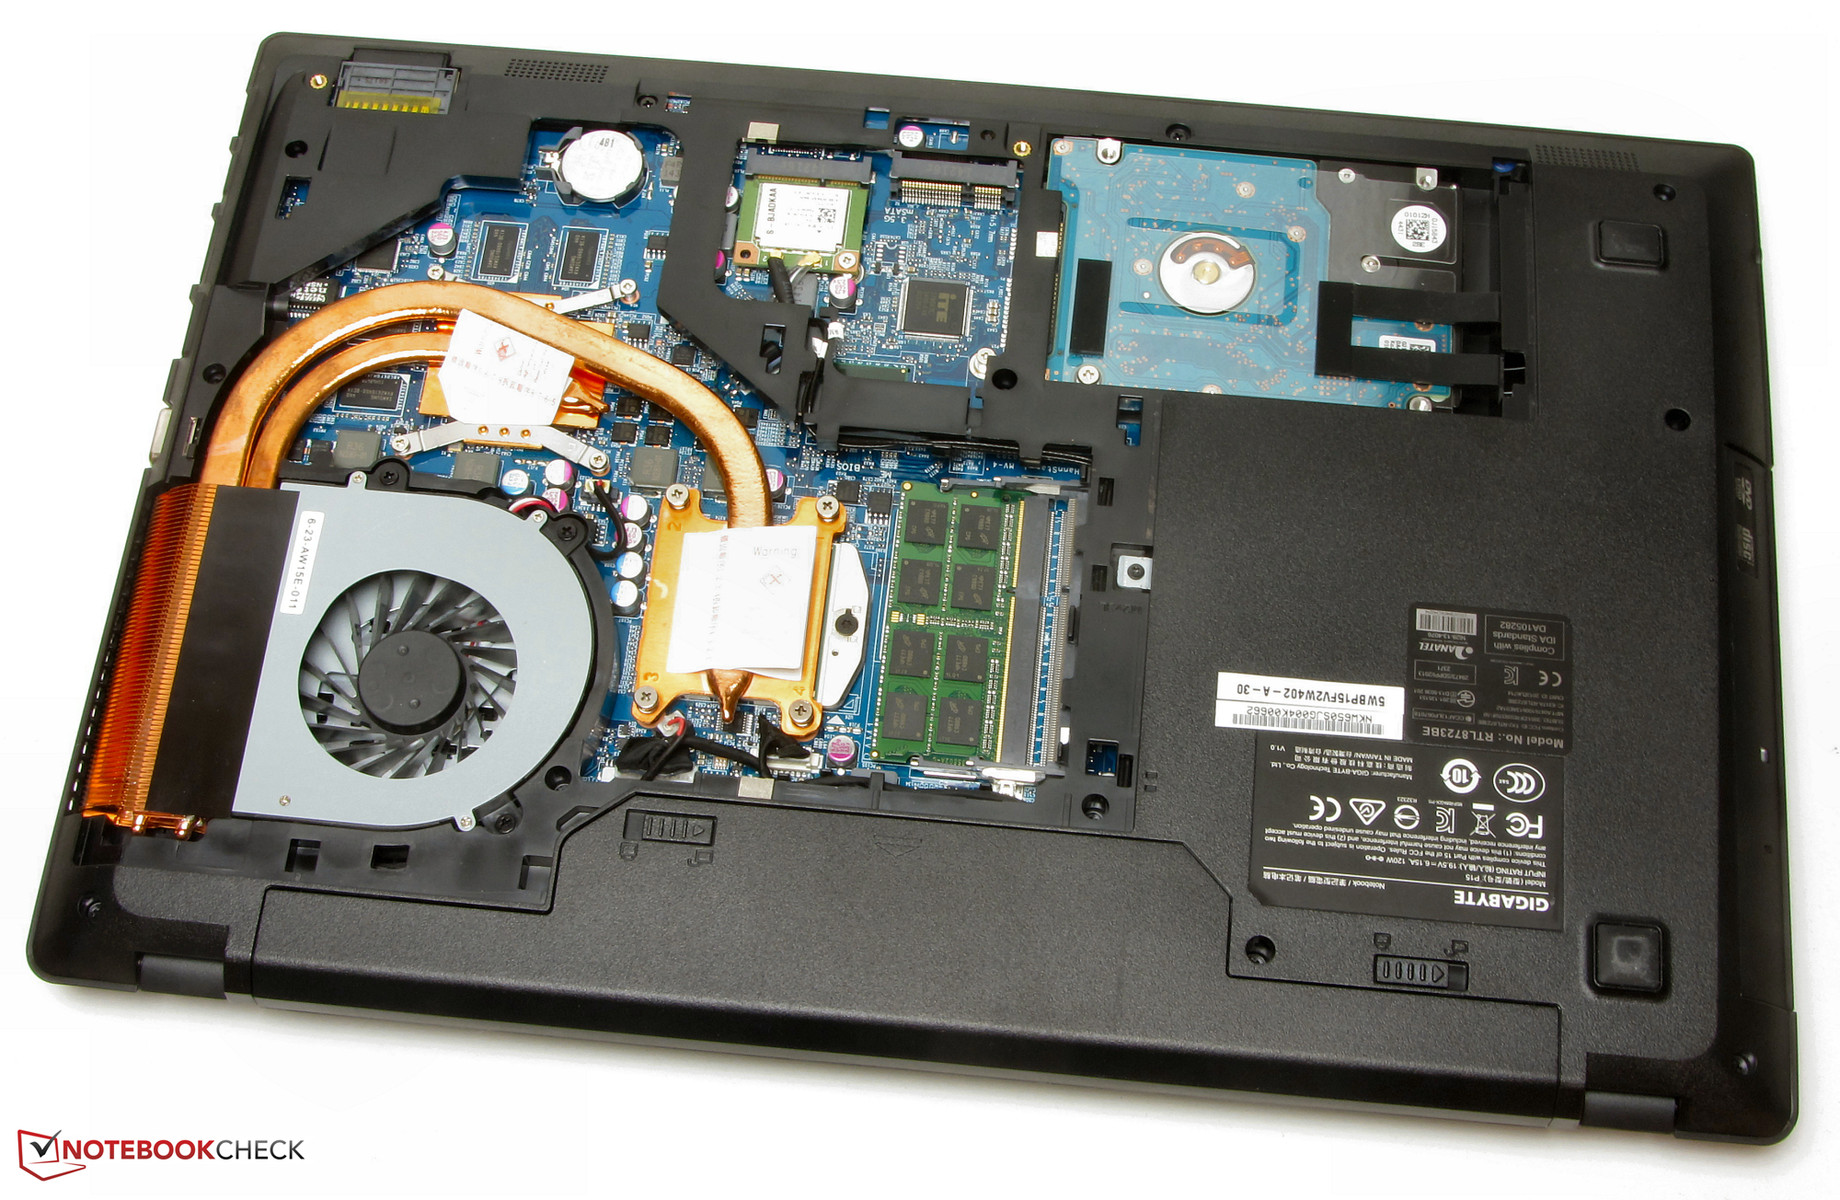 gigabyte p15f v2 notebook review